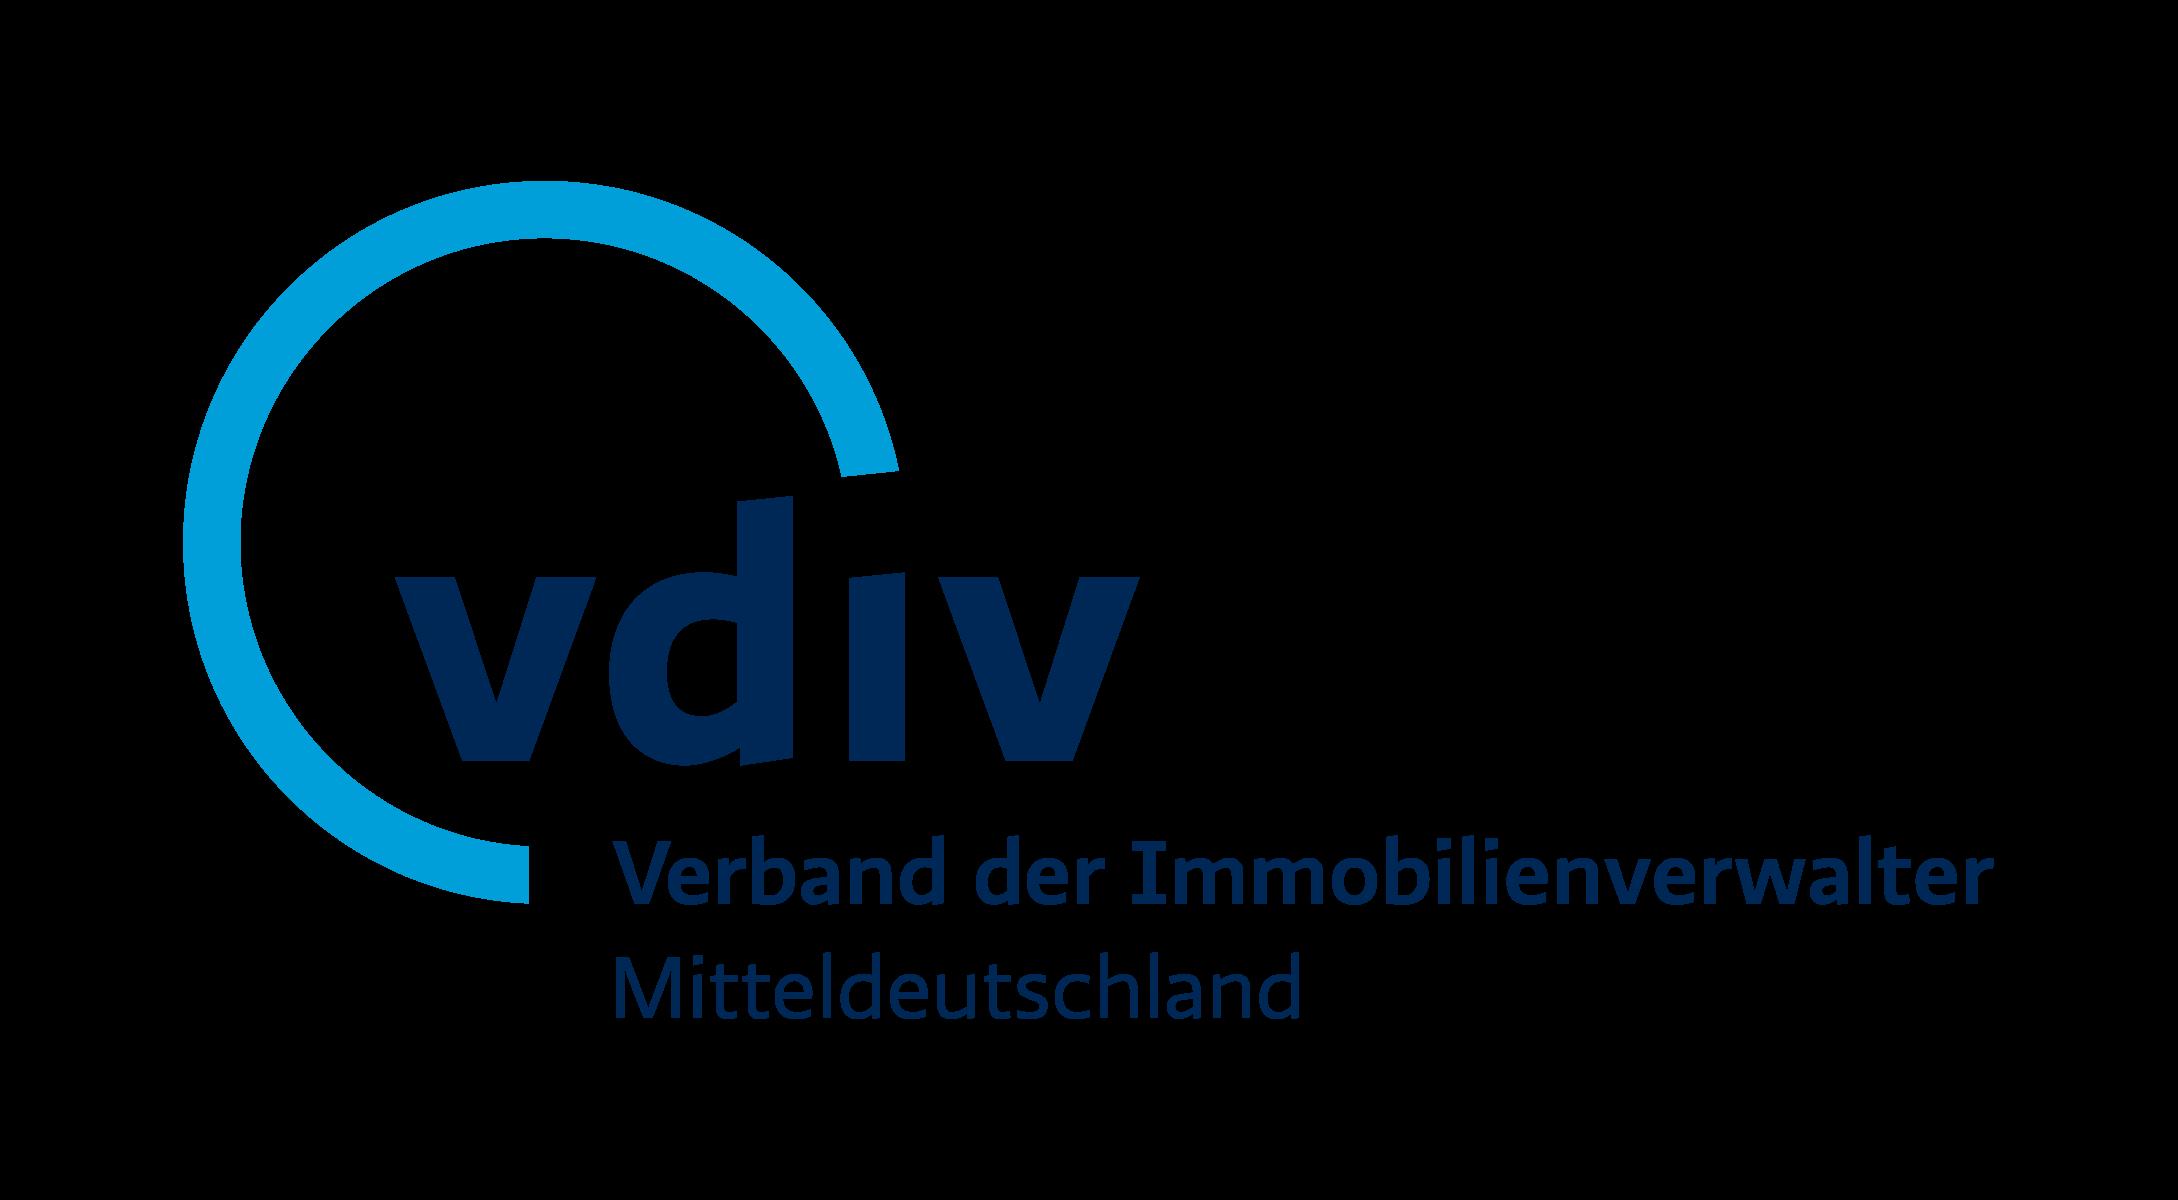 VDIV_Logo_LV_MD_RGB_pos_L